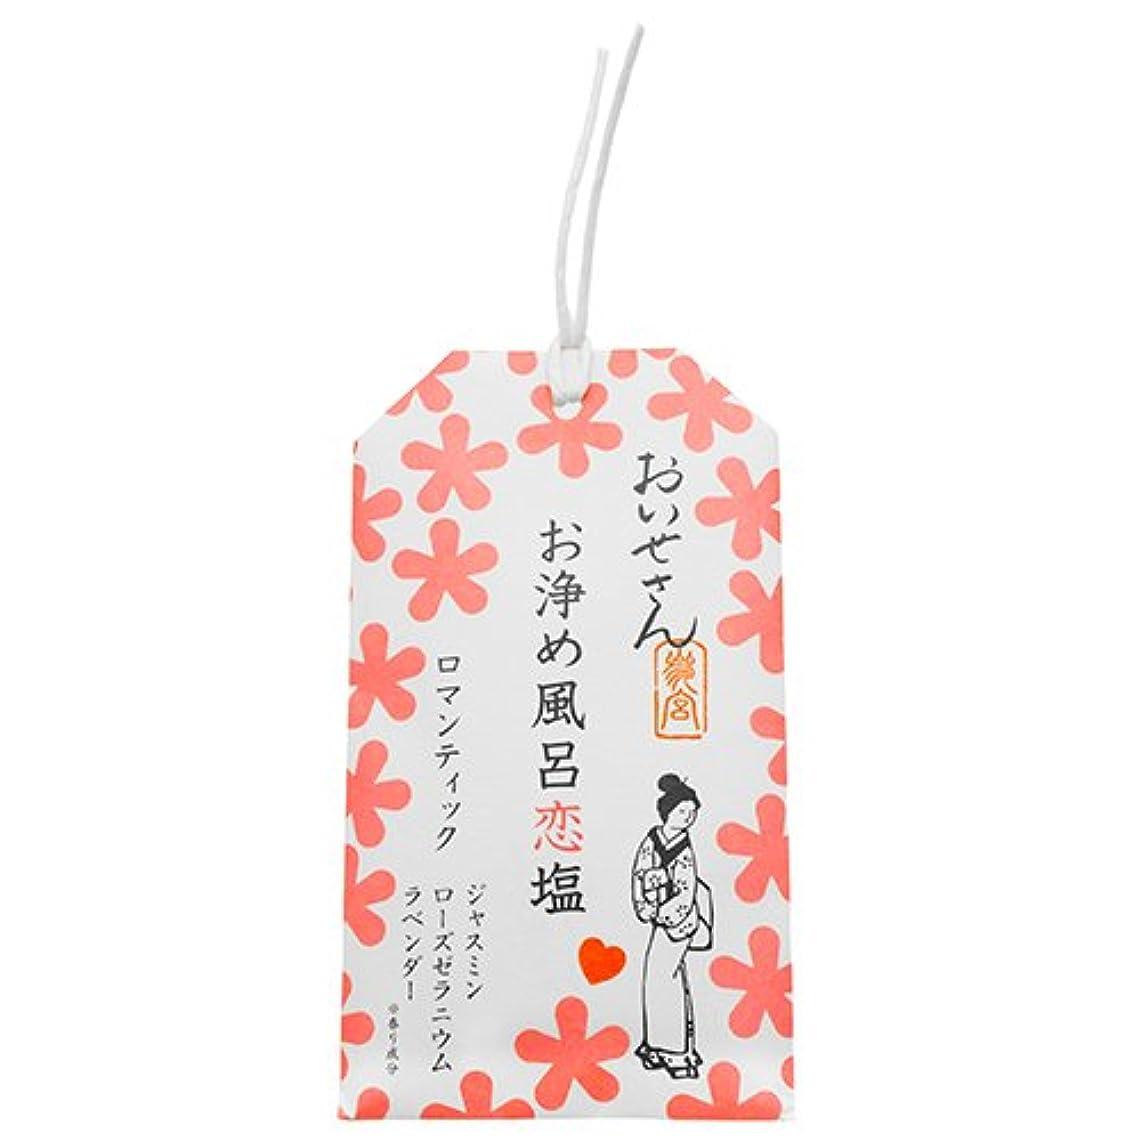 ステージアシスト不快なおいせさん お浄め風呂恋塩(ロマンティック)